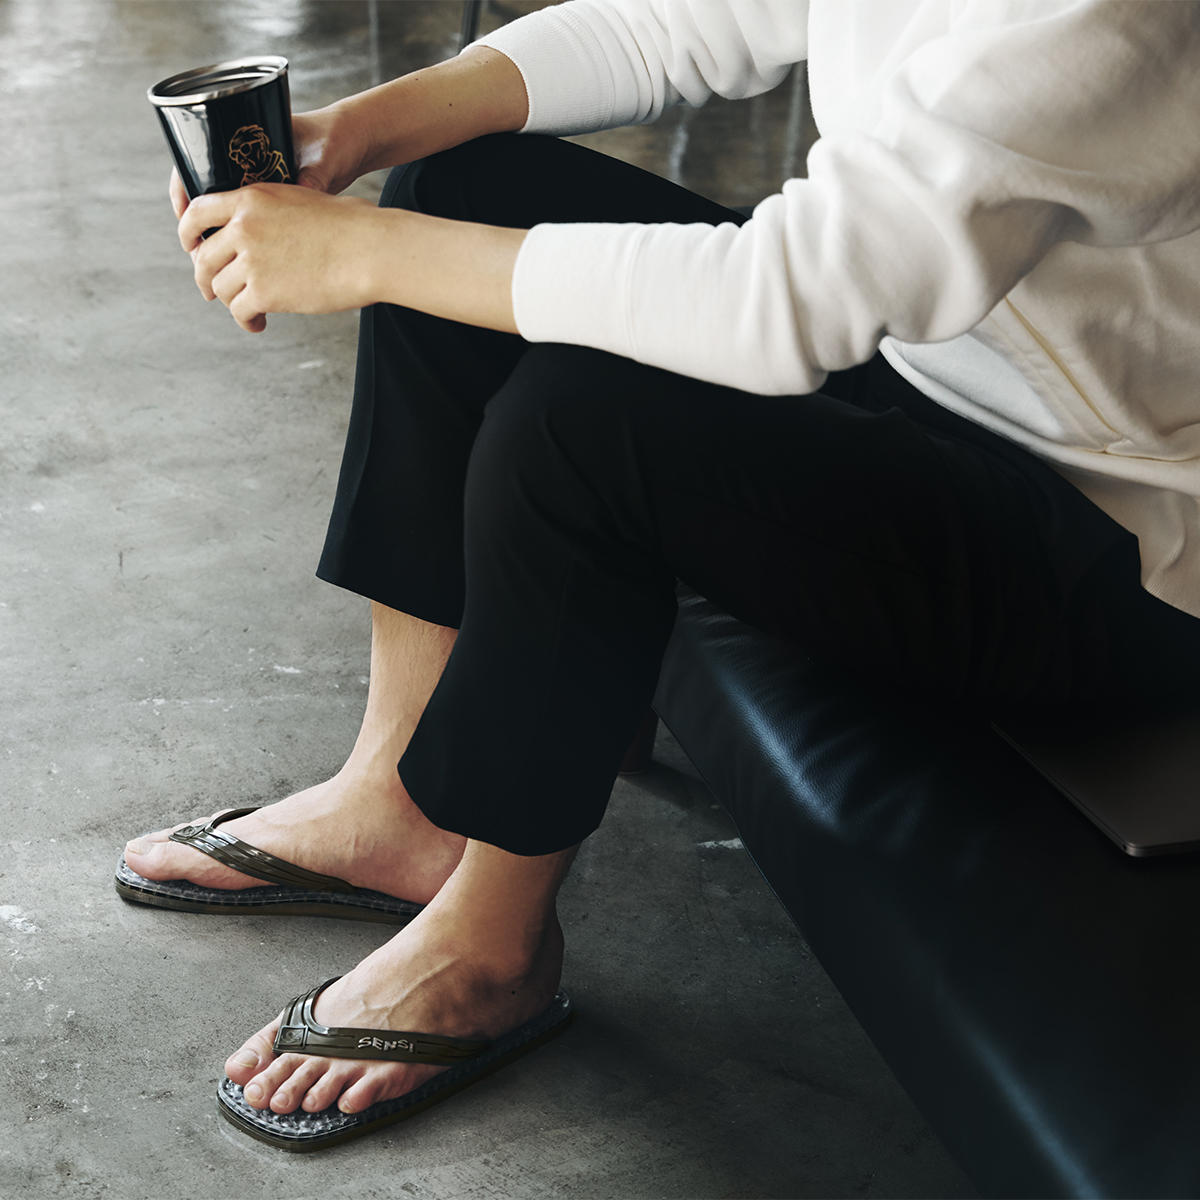 通気性バツグンだから汗をかいても足裏がペタペタしない。半球状の突起が、心地よく足裏マッサージしてくれるお洒落な「健康サンダル」|SENSI